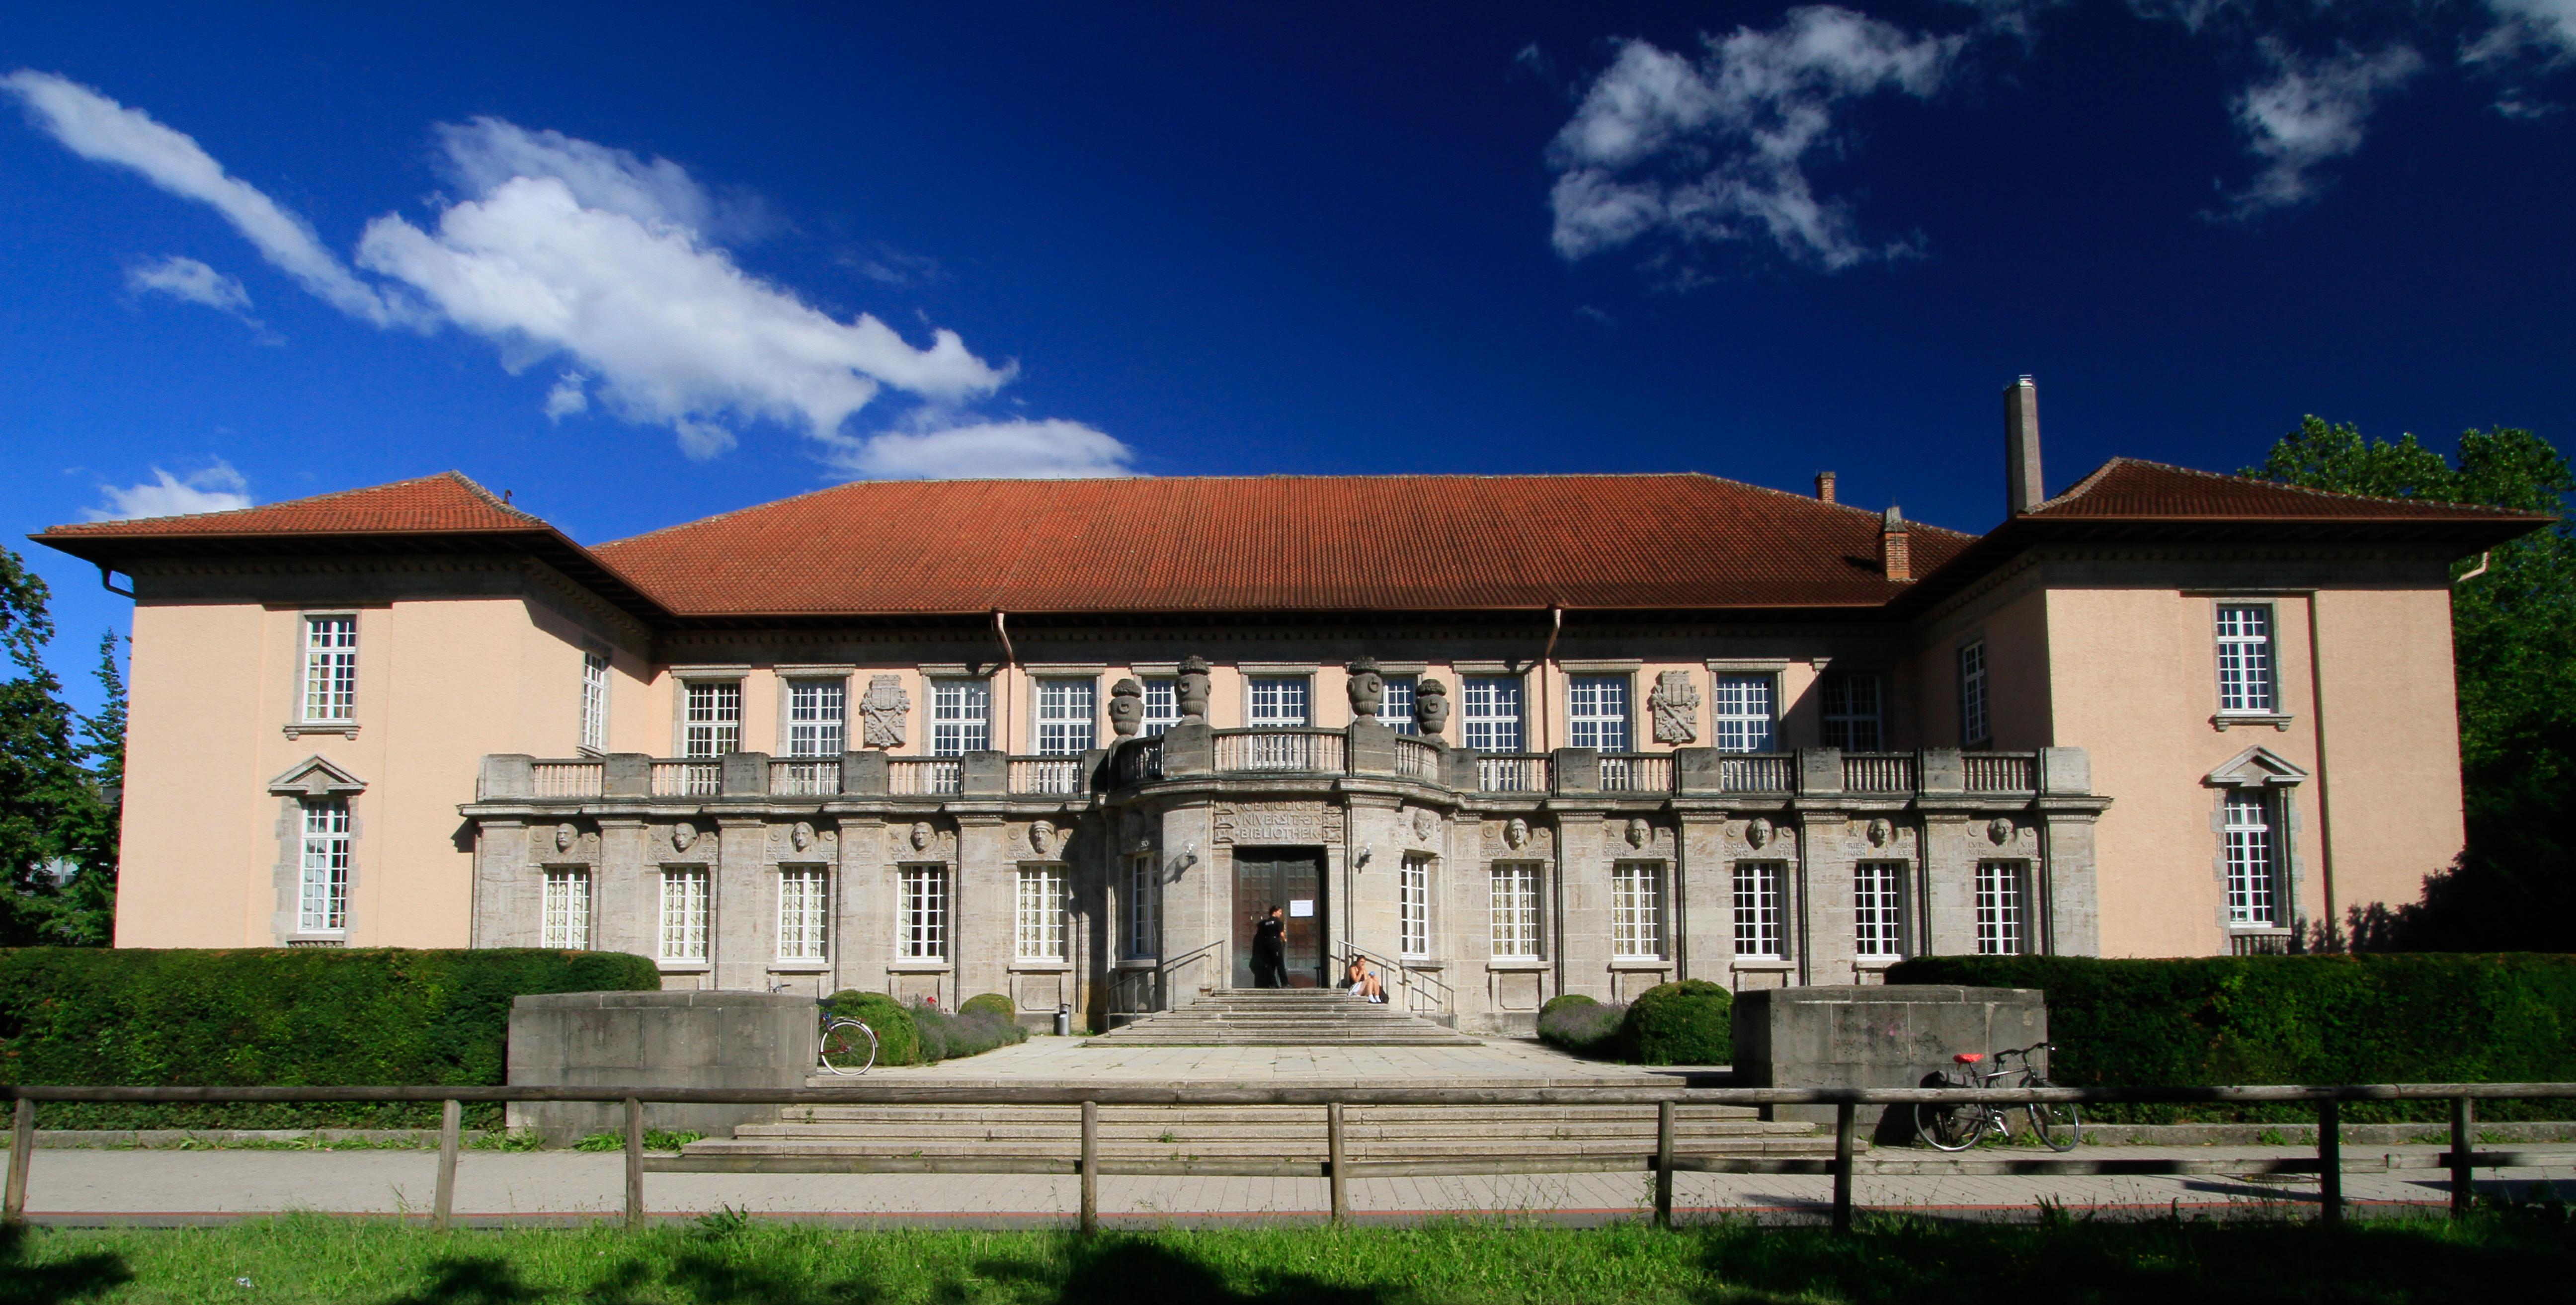 Universitätsbibliothek Tübingen